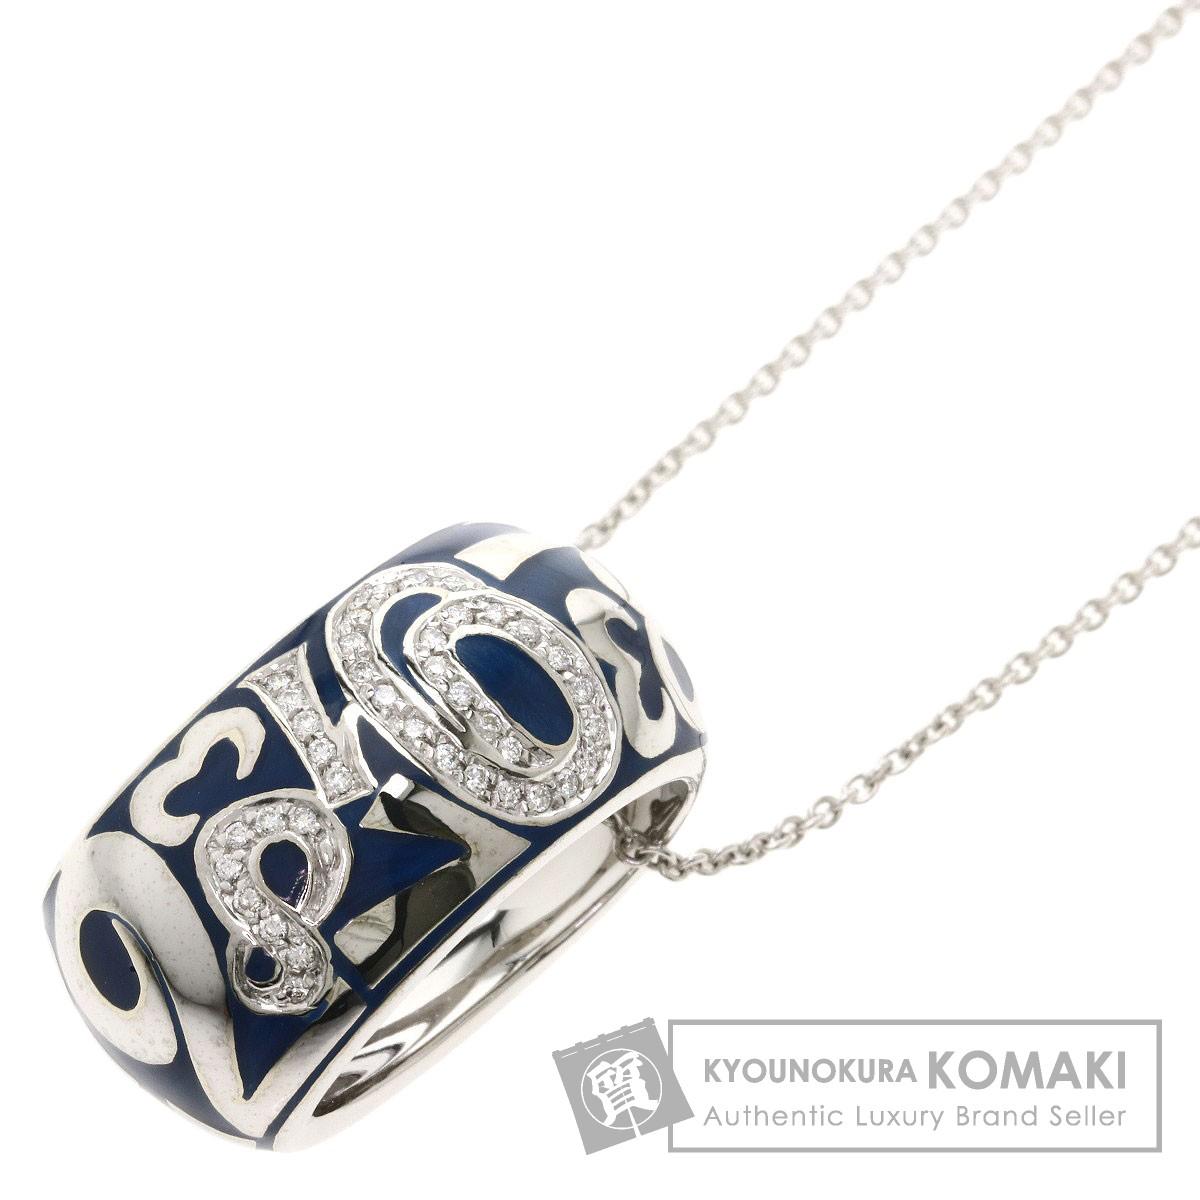 フランクミュラー タリスマン ダイヤモンド ネックレス K18ホワイトゴールド レディース 【中古】【FRANCK MULLER】